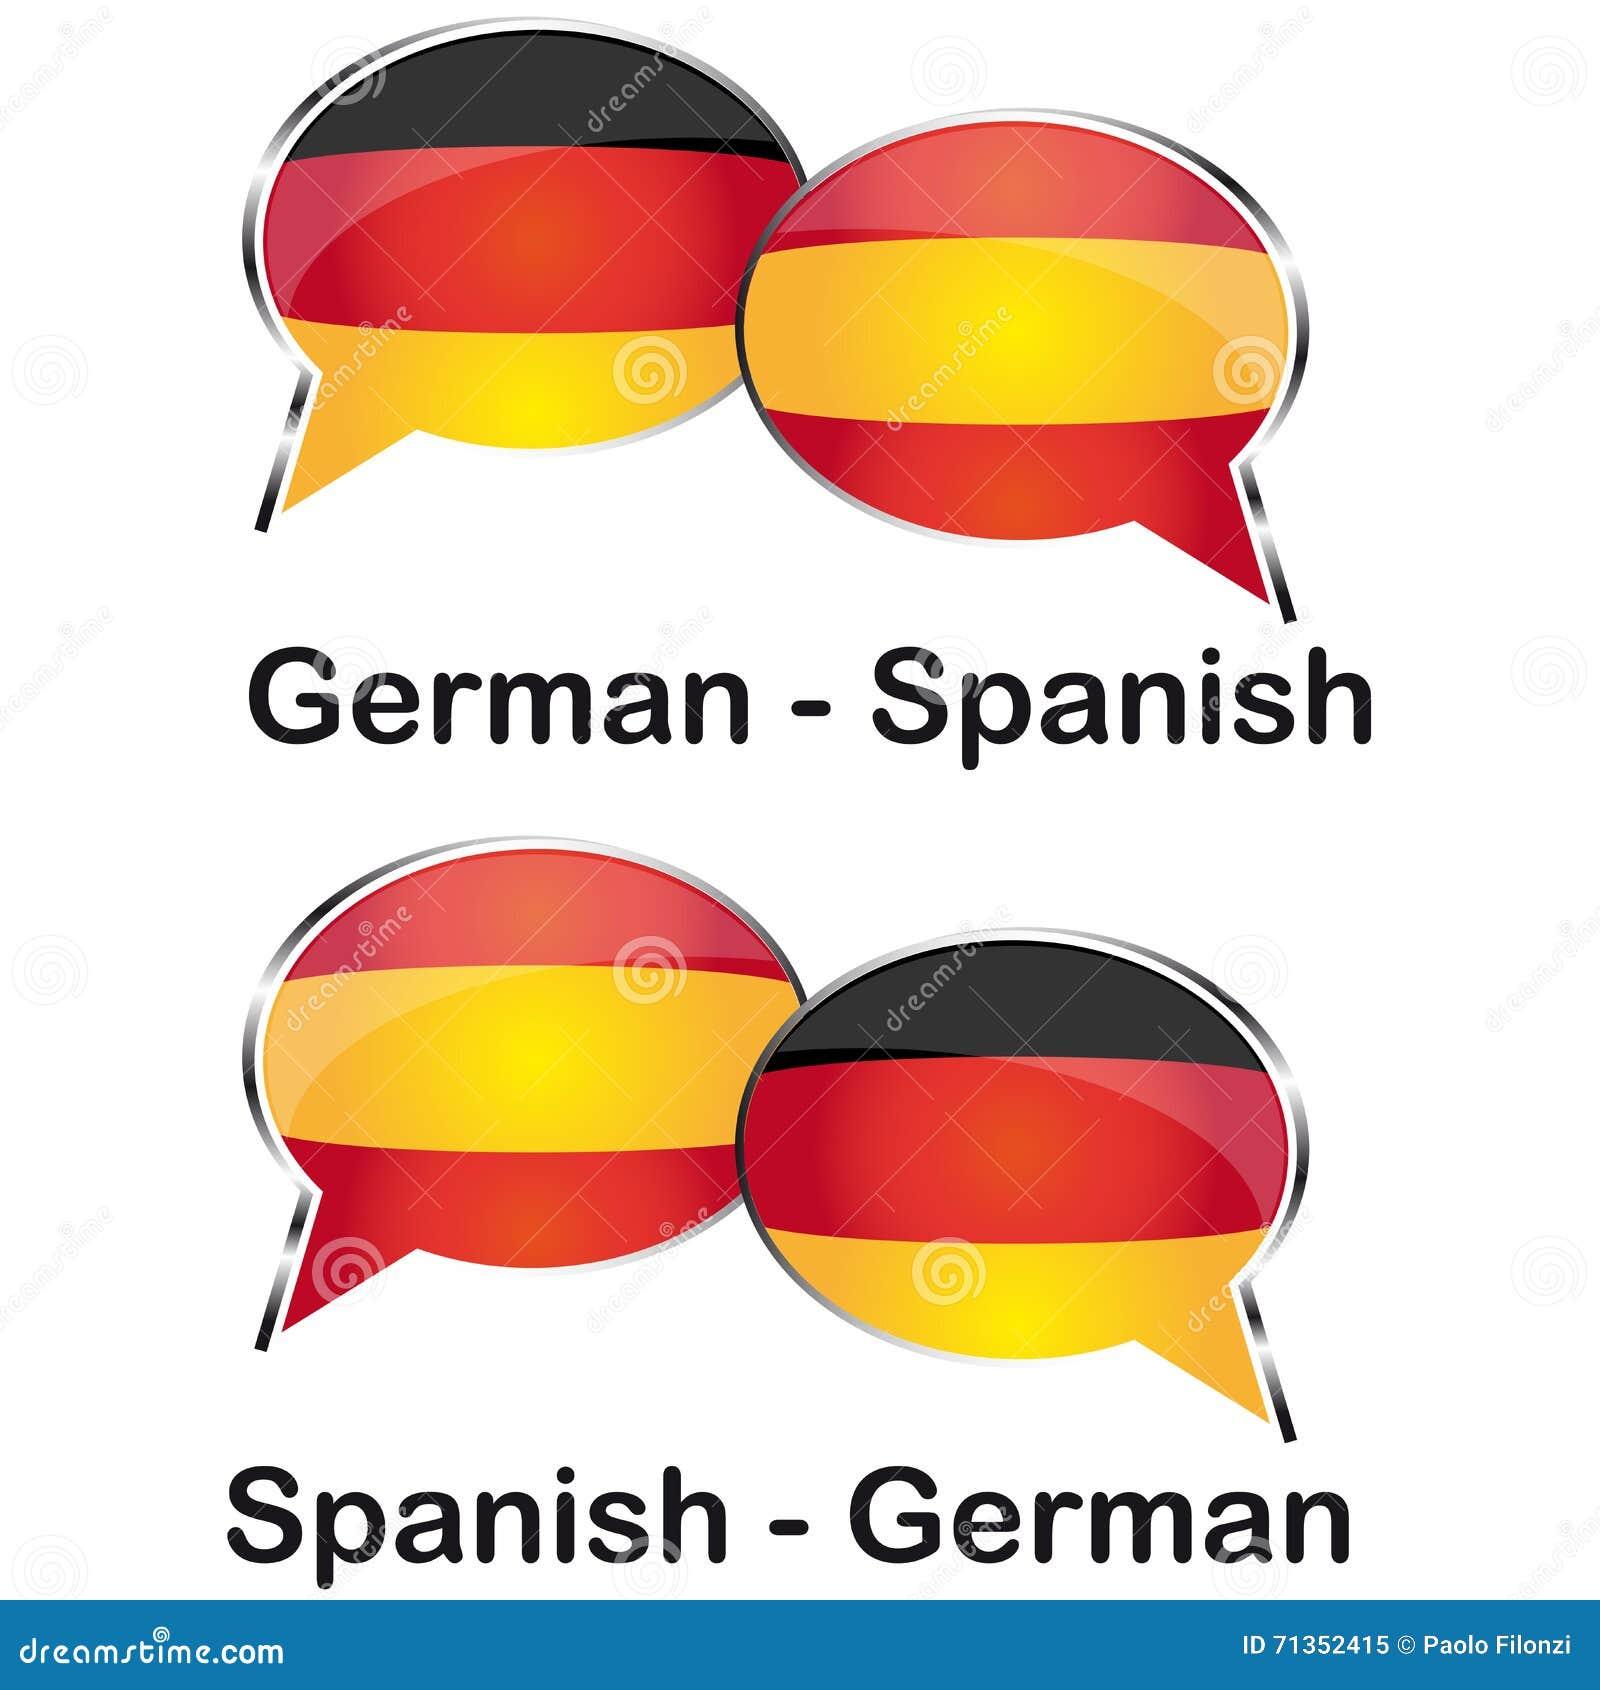 Traduci abrigo in spagnolo